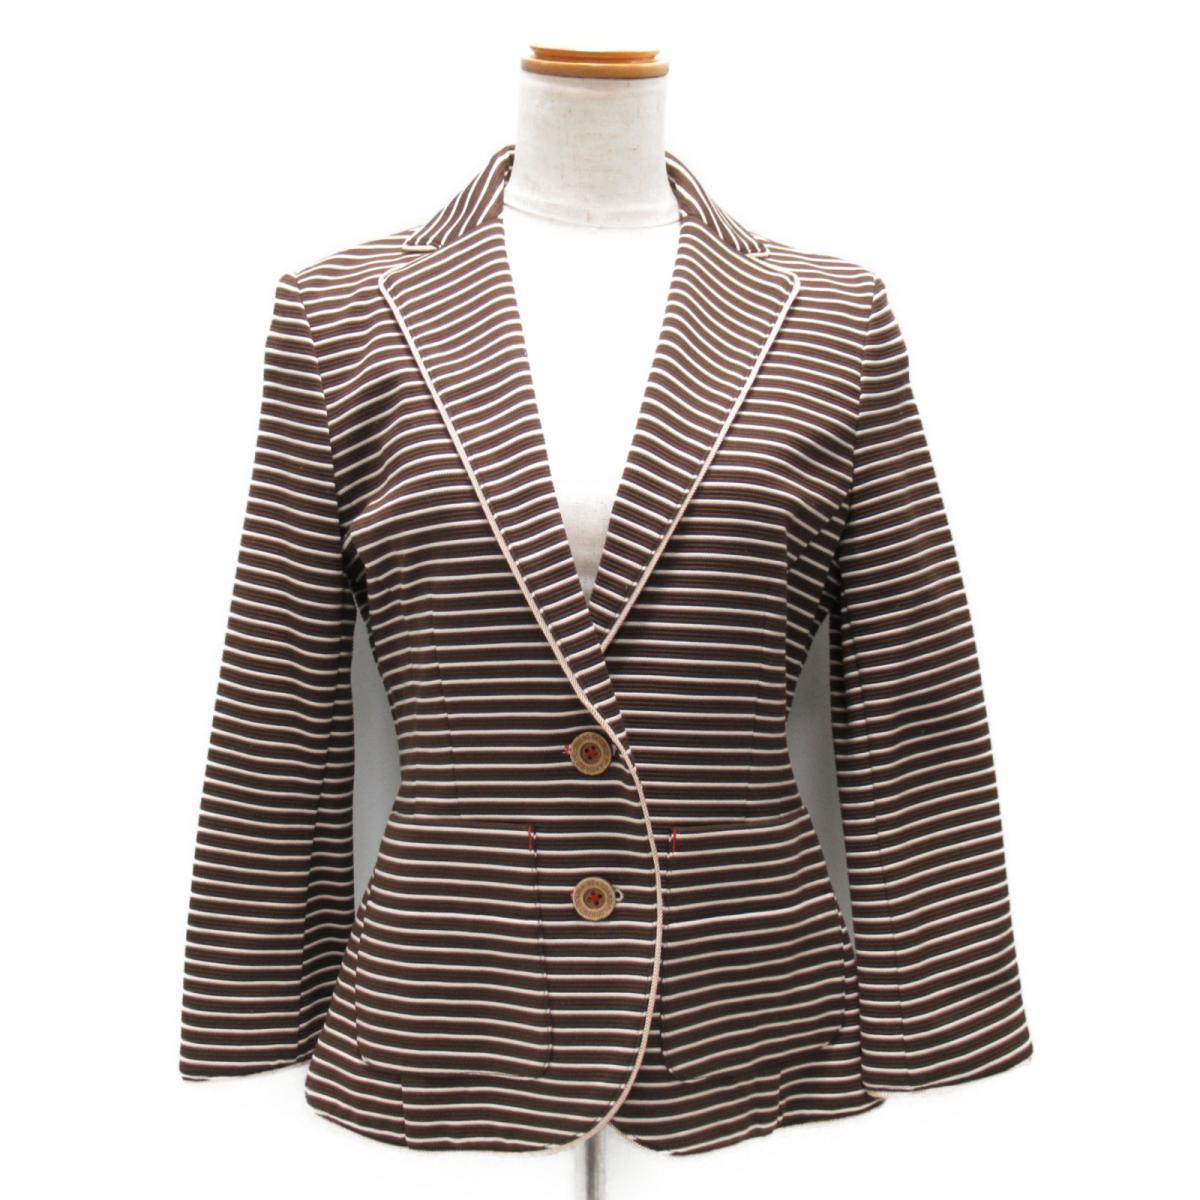 【中古】 ダブルスタンダードクロージング ジャケット レディース コットン (72%) x ポリエステル (28%) ブラウン系 | DOUBLE STANDARD CLOTHING BRANDOFF ブランドオフ 衣料品 衣類 ブランド アウター コート